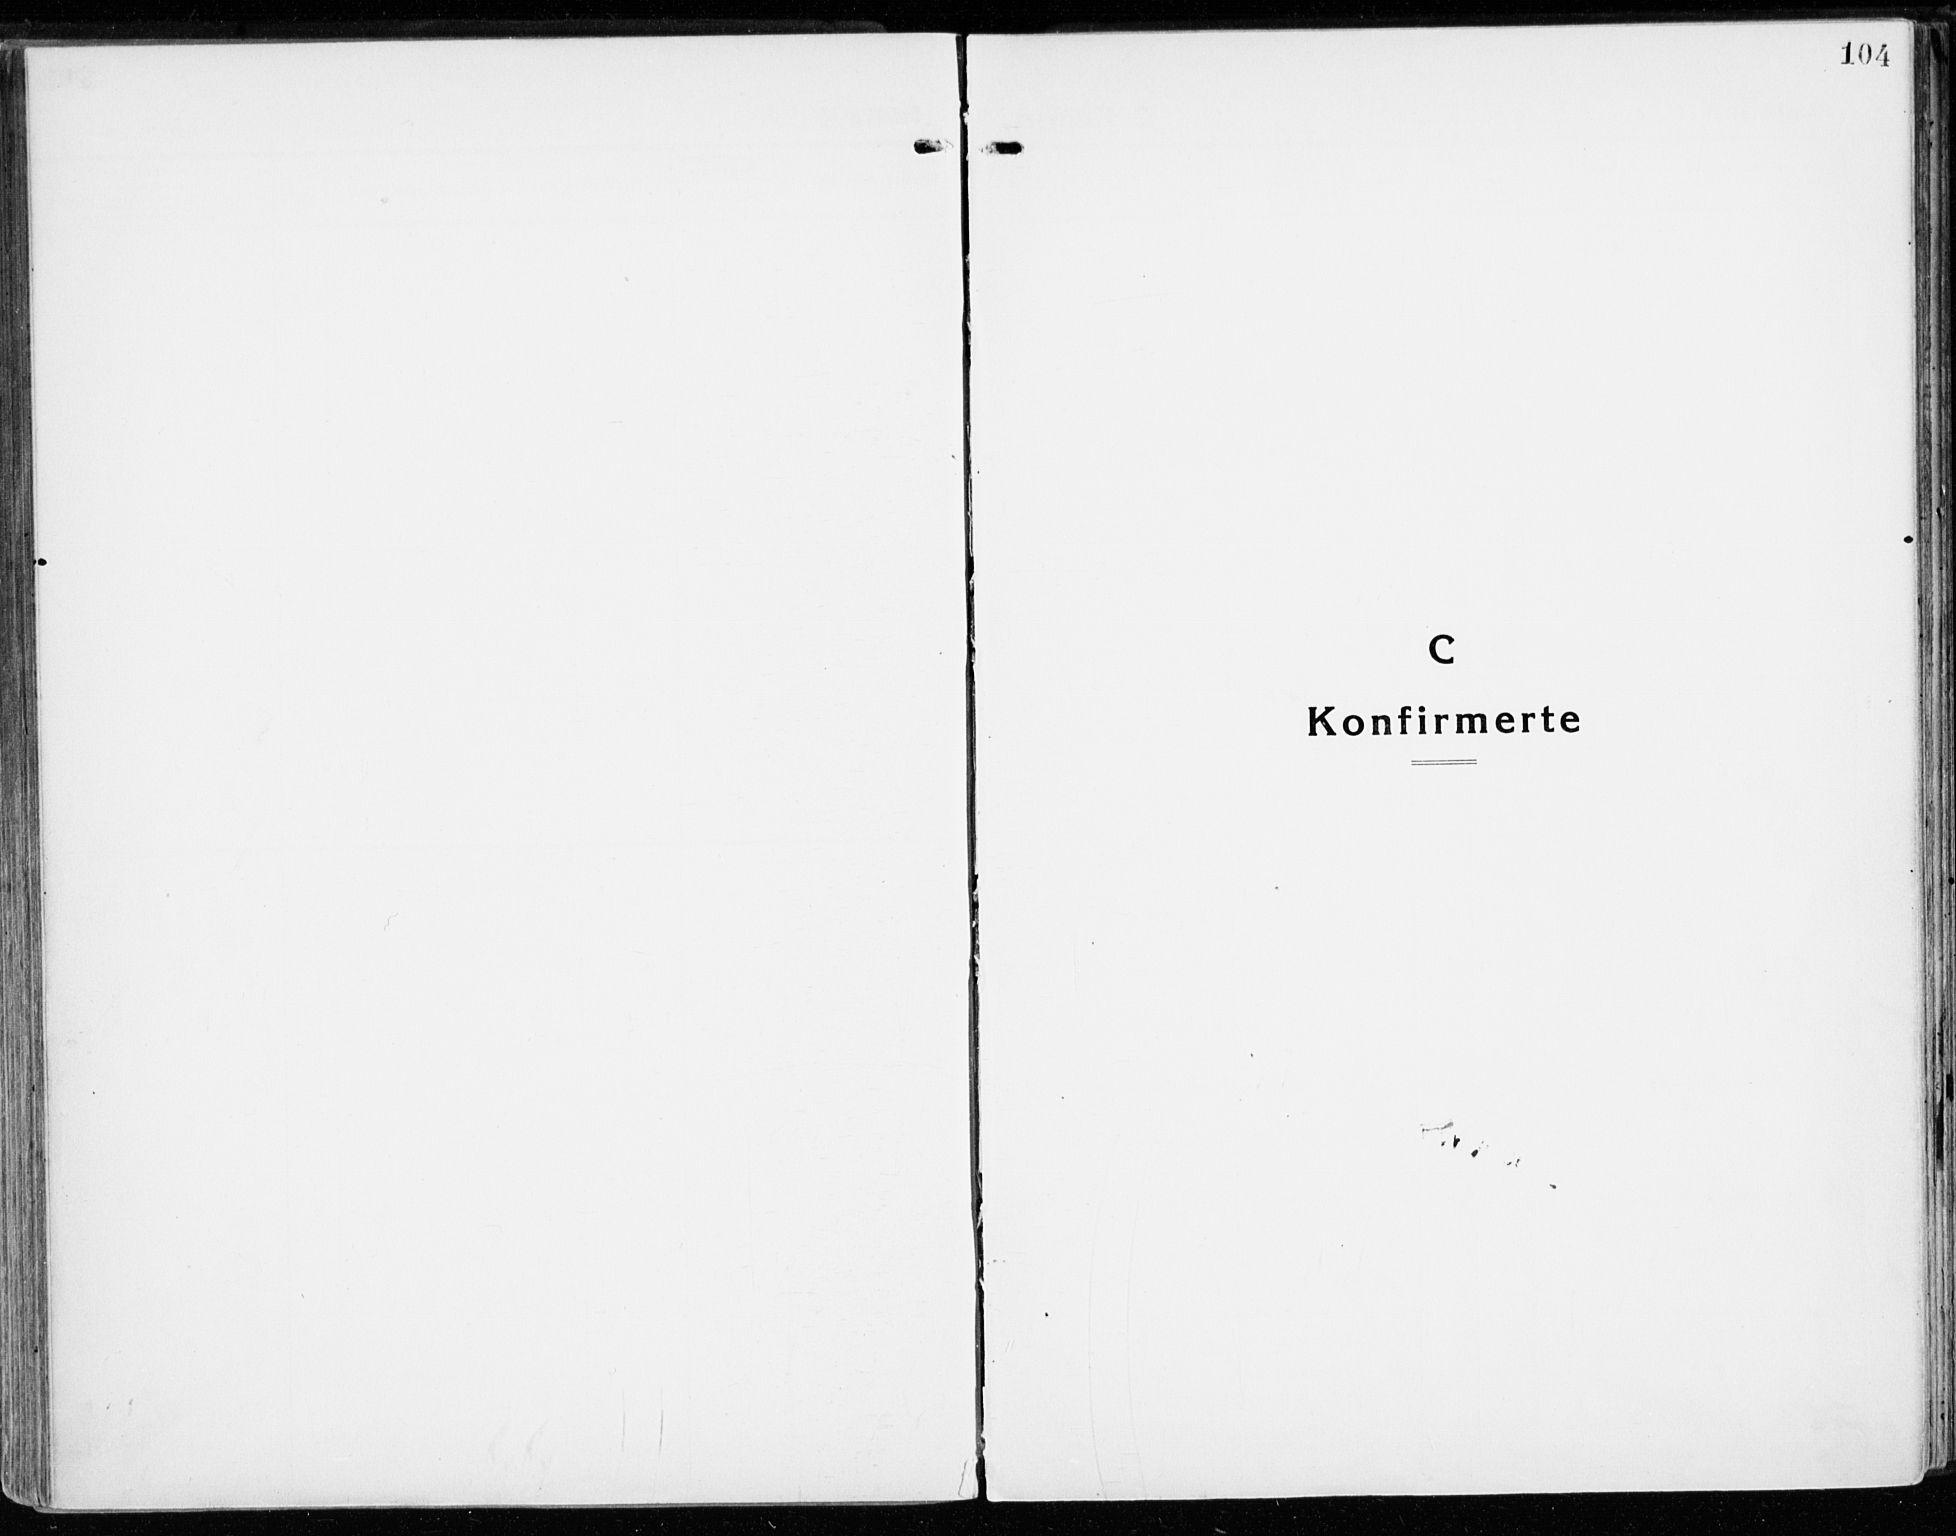 SAH, Stange prestekontor, K/L0025: Parish register (official) no. 25, 1921-1945, p. 104